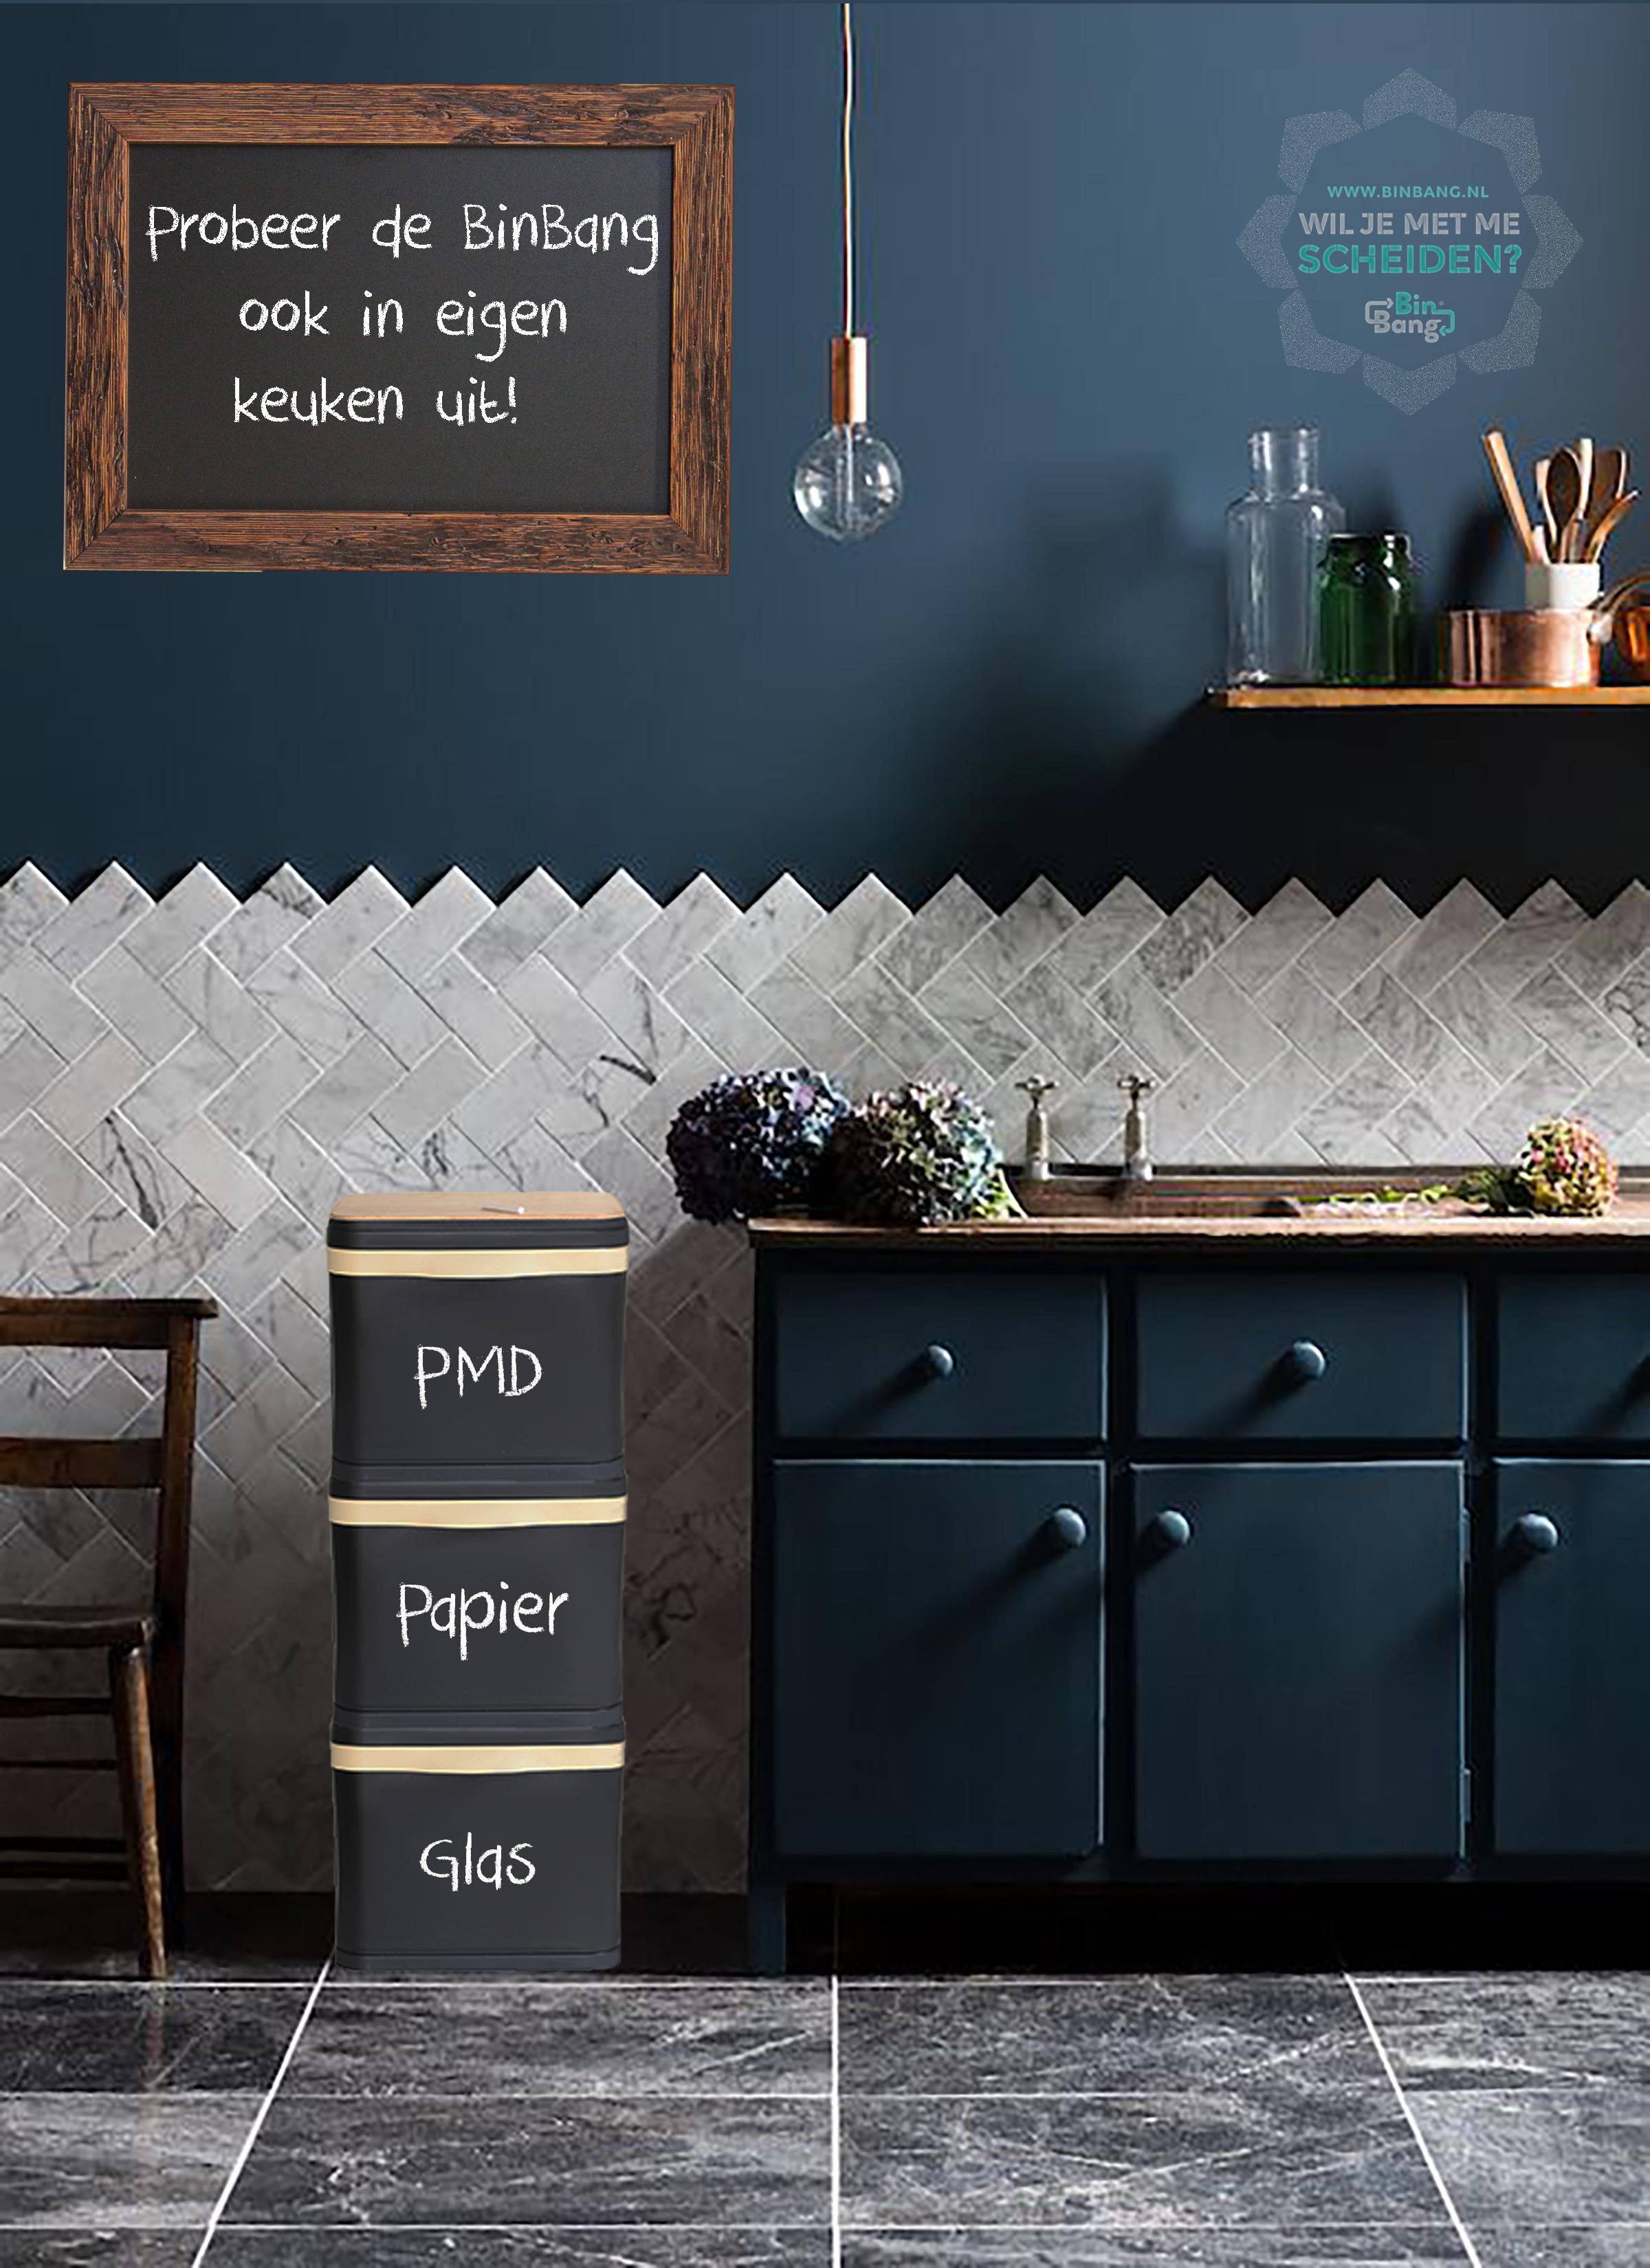 Ausgezeichnet Billigste Küchenschranktüren Uk Galerie - Ideen Für ...